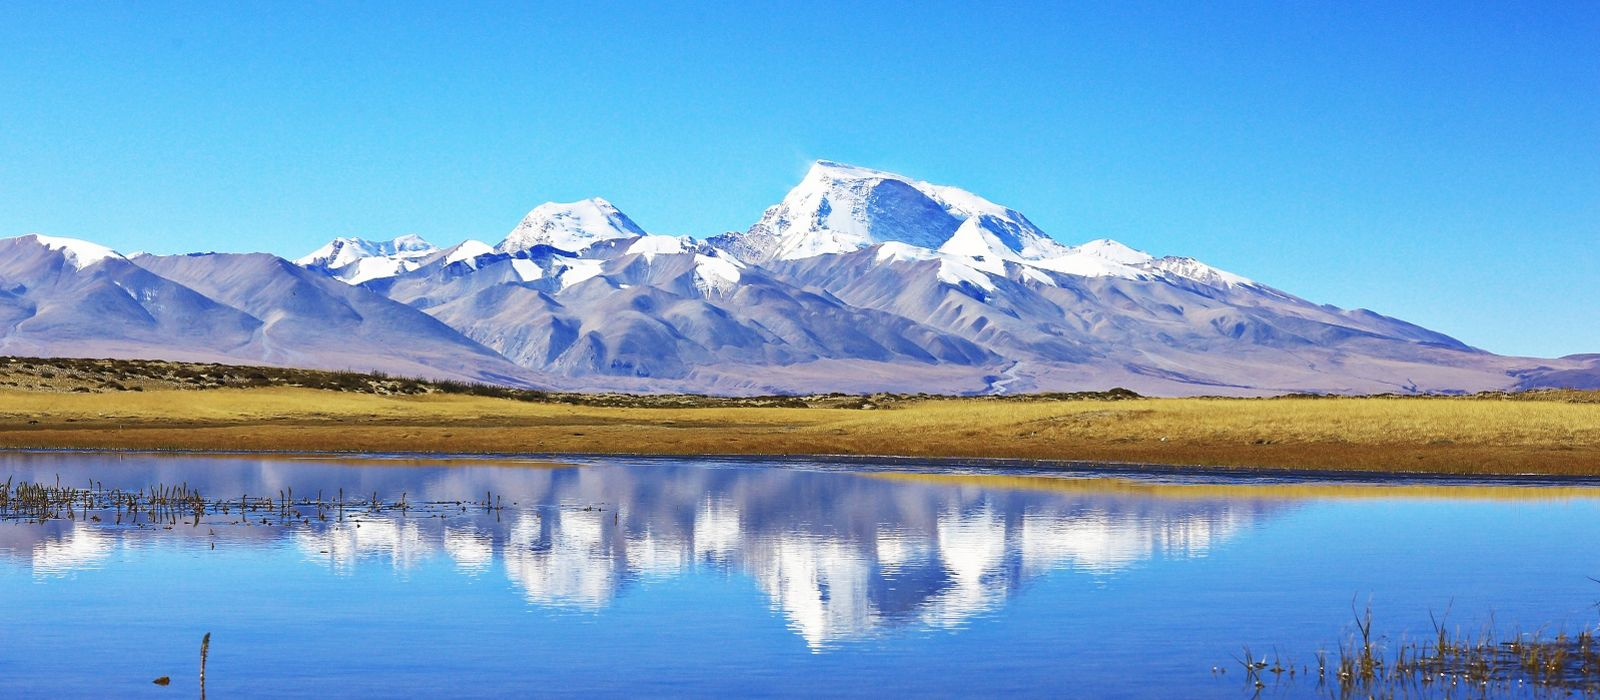 Highlights of the Himalayas: Nepal, Bhutan and Tibet Tour Trip 7